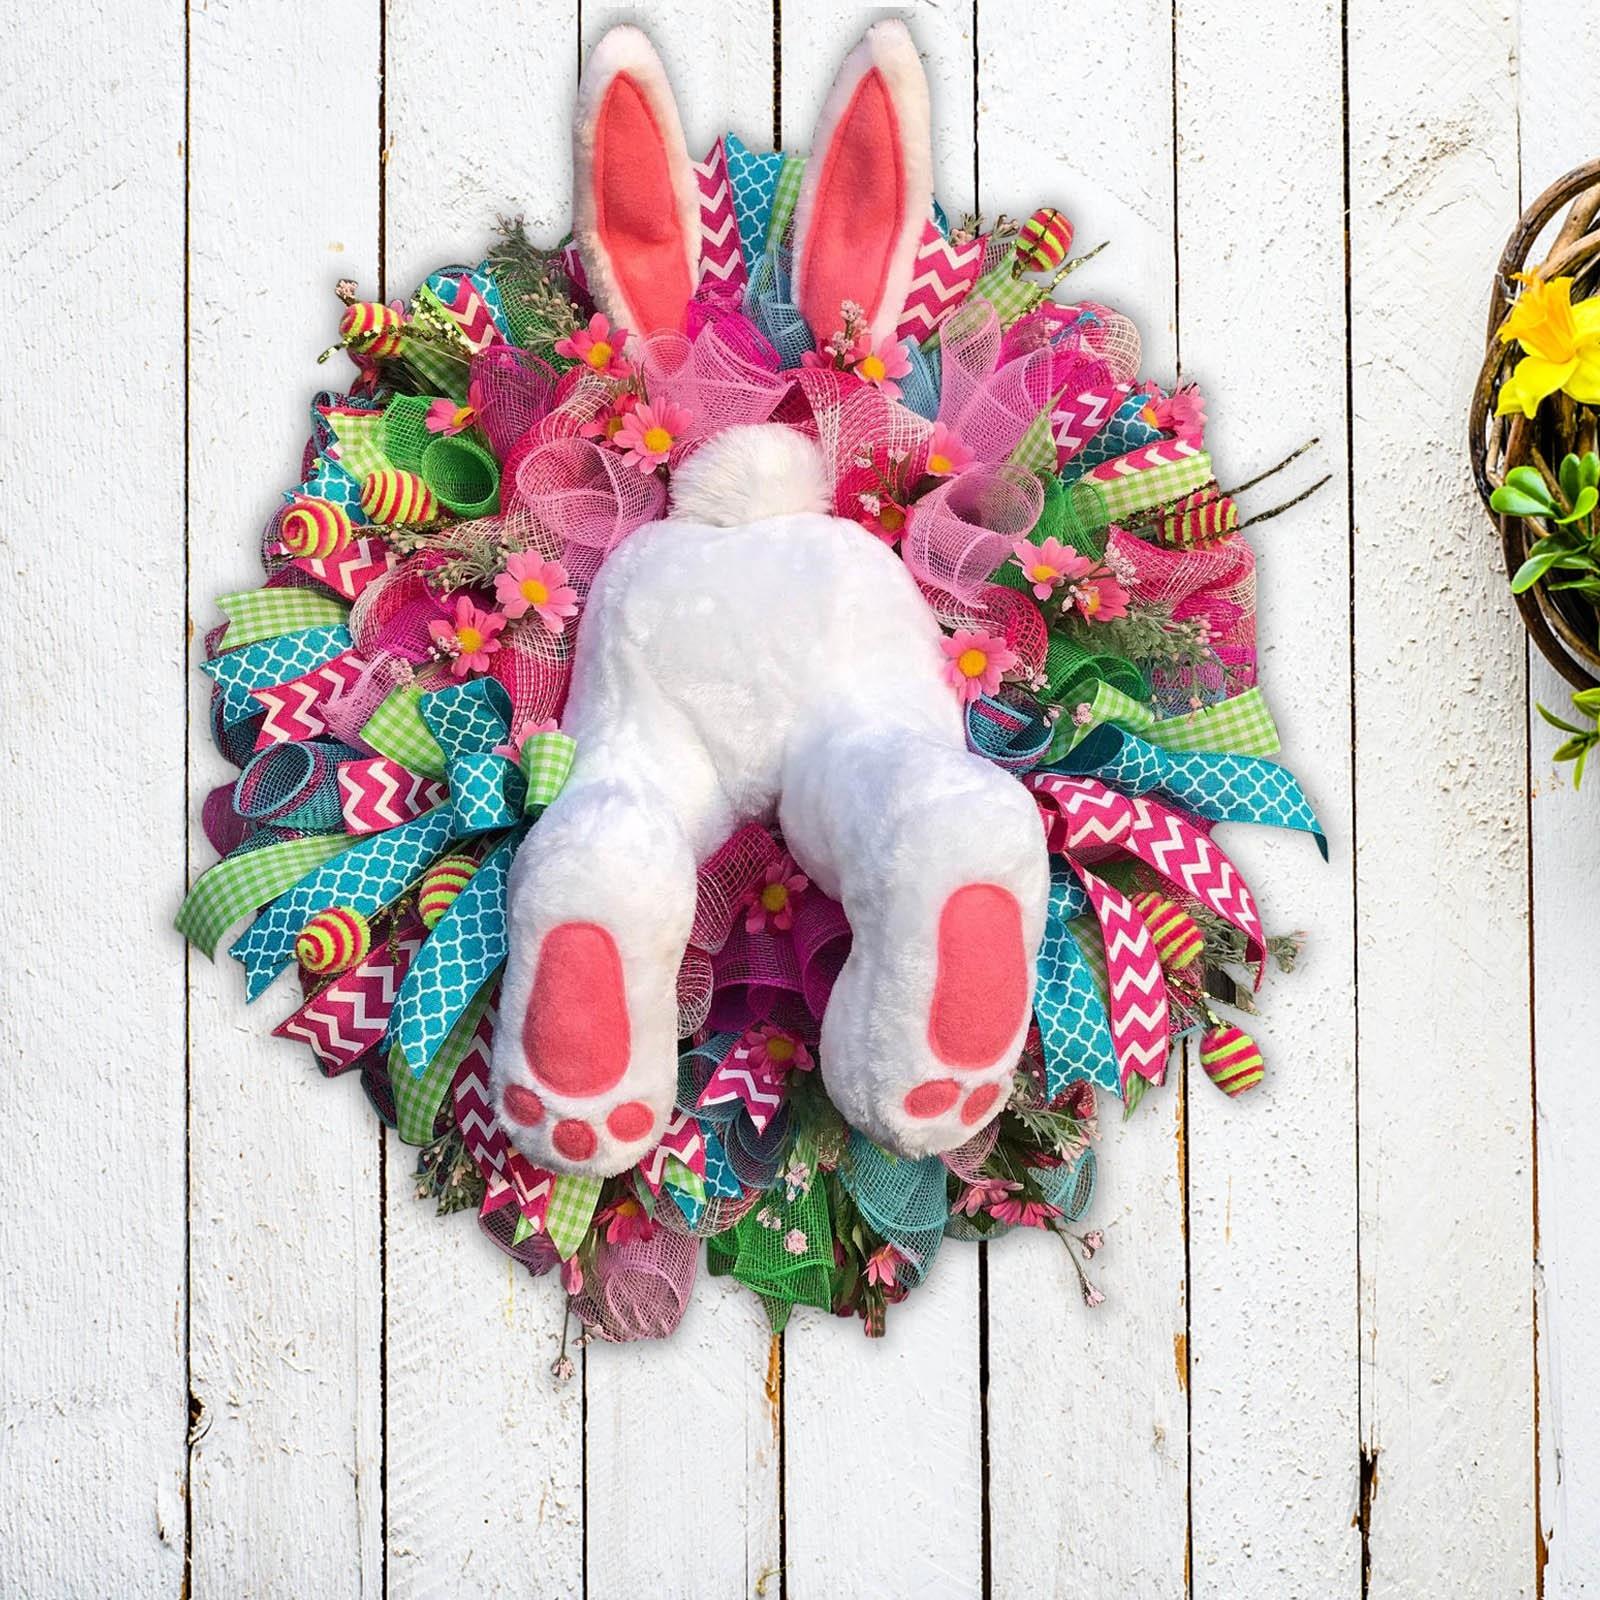 DIY Украшение Пасхальный кролик венок забавный кролик мультфильм животных украшения для дверей и окон DIY подвесная гирлянда для домашнего де...